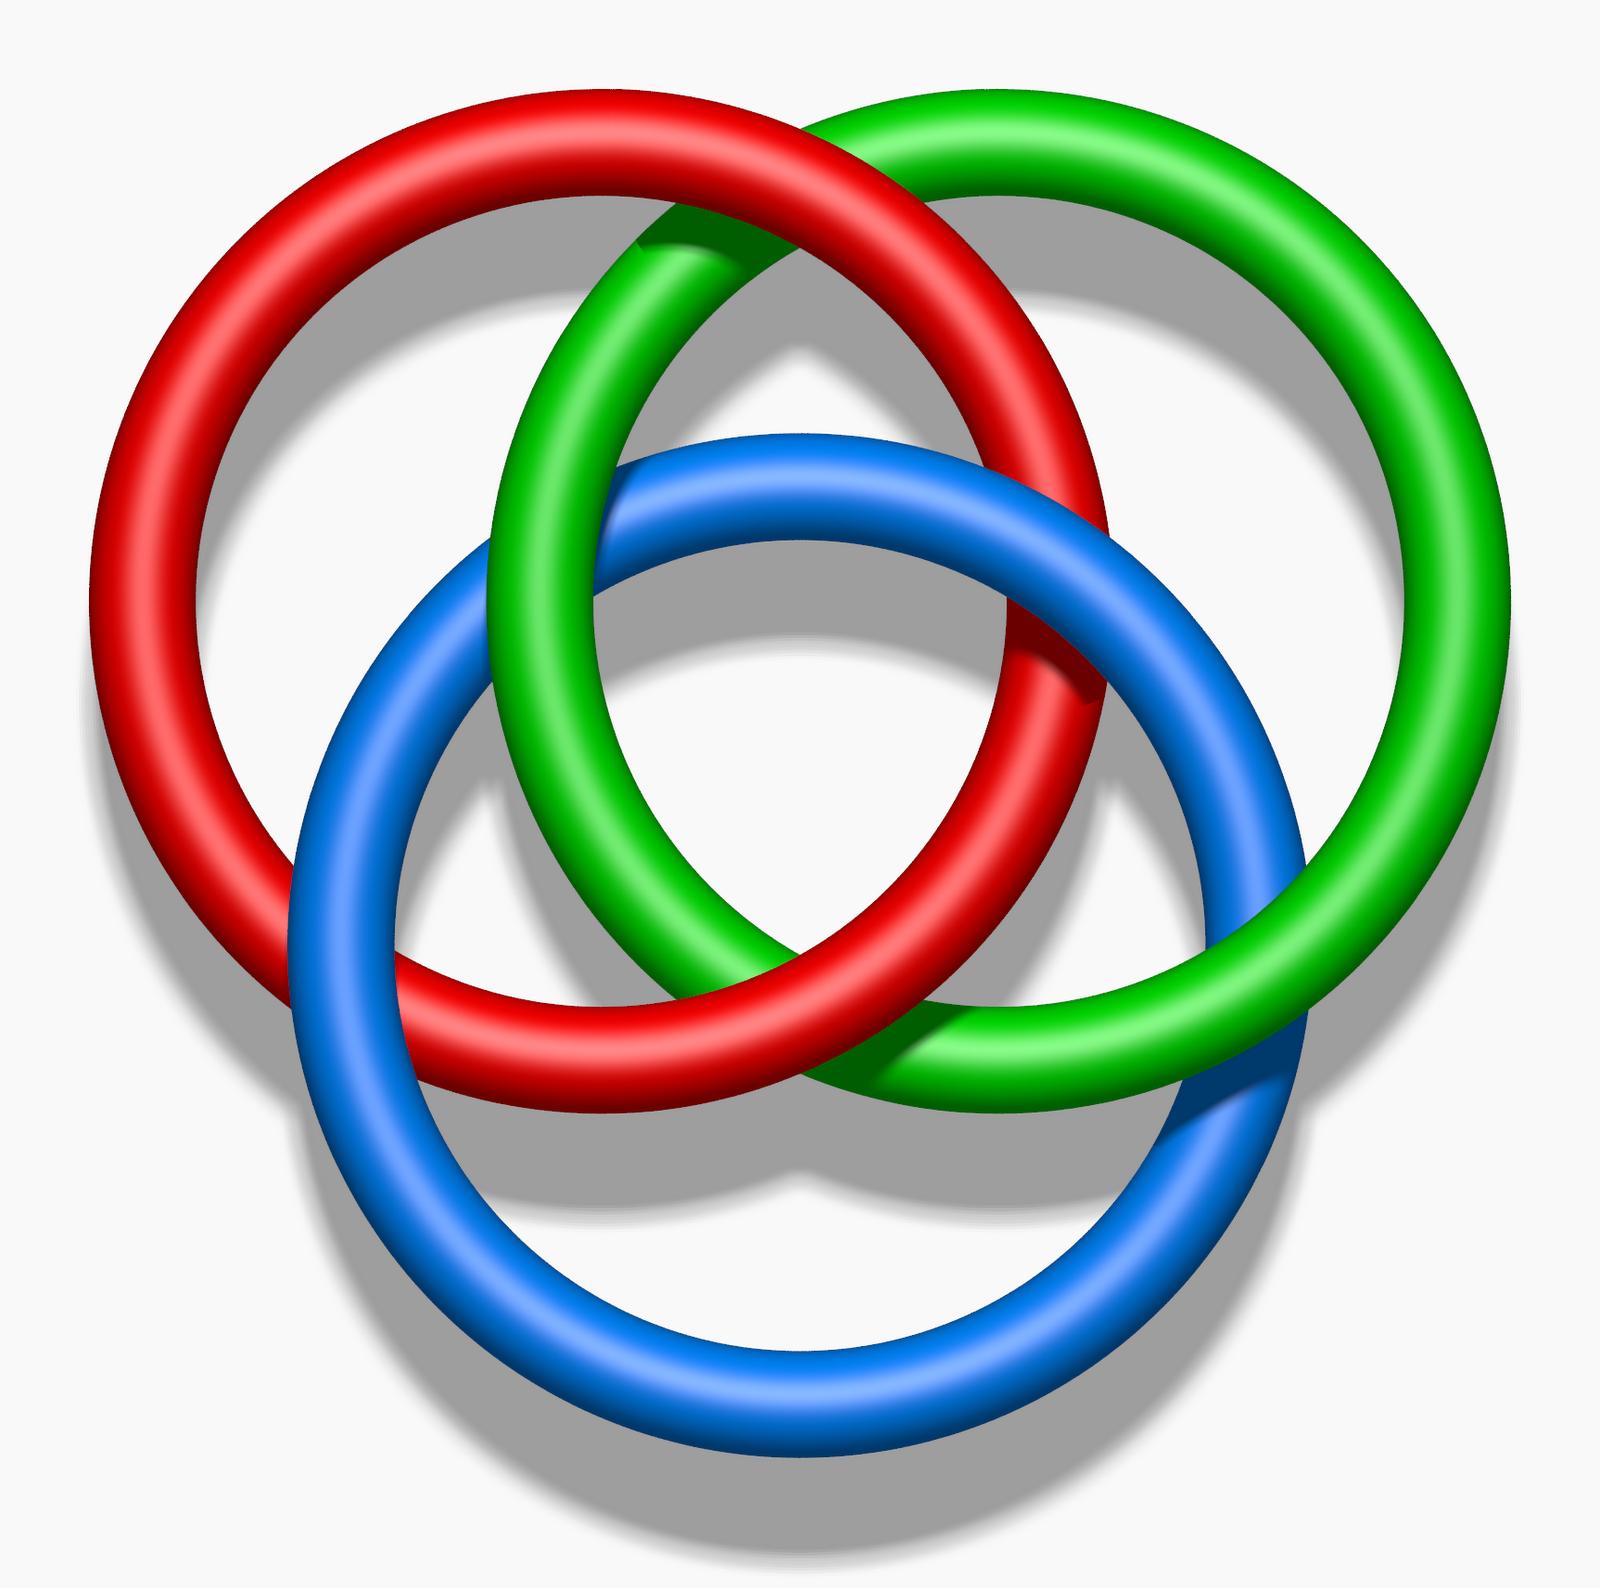 Anillos de Oro y Plata Anillos De Diseño PANDORA - imagenes de anillos entrelazados